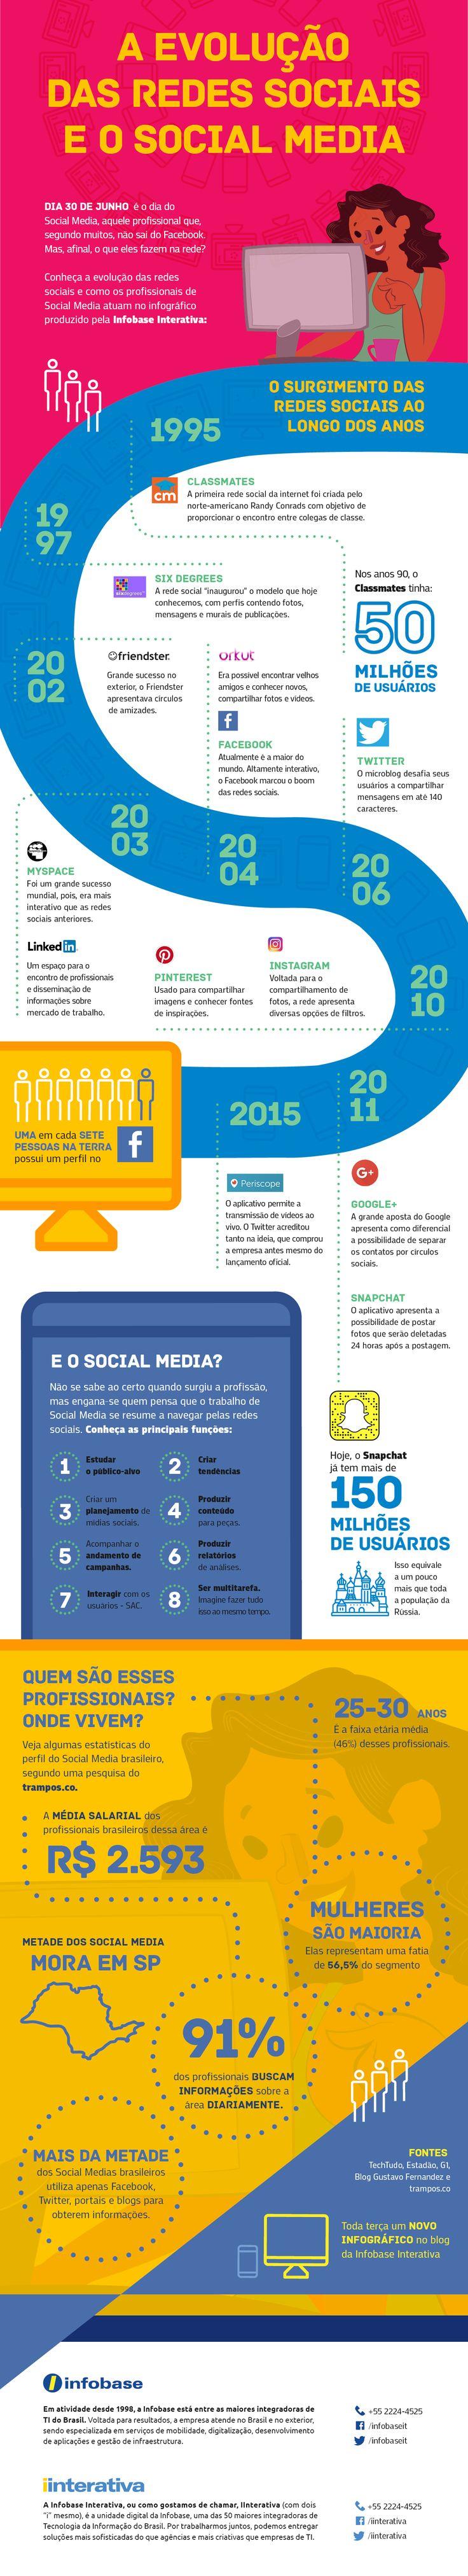 A evolução das redes sociais e o Social Media ~ Assuntos Criativos